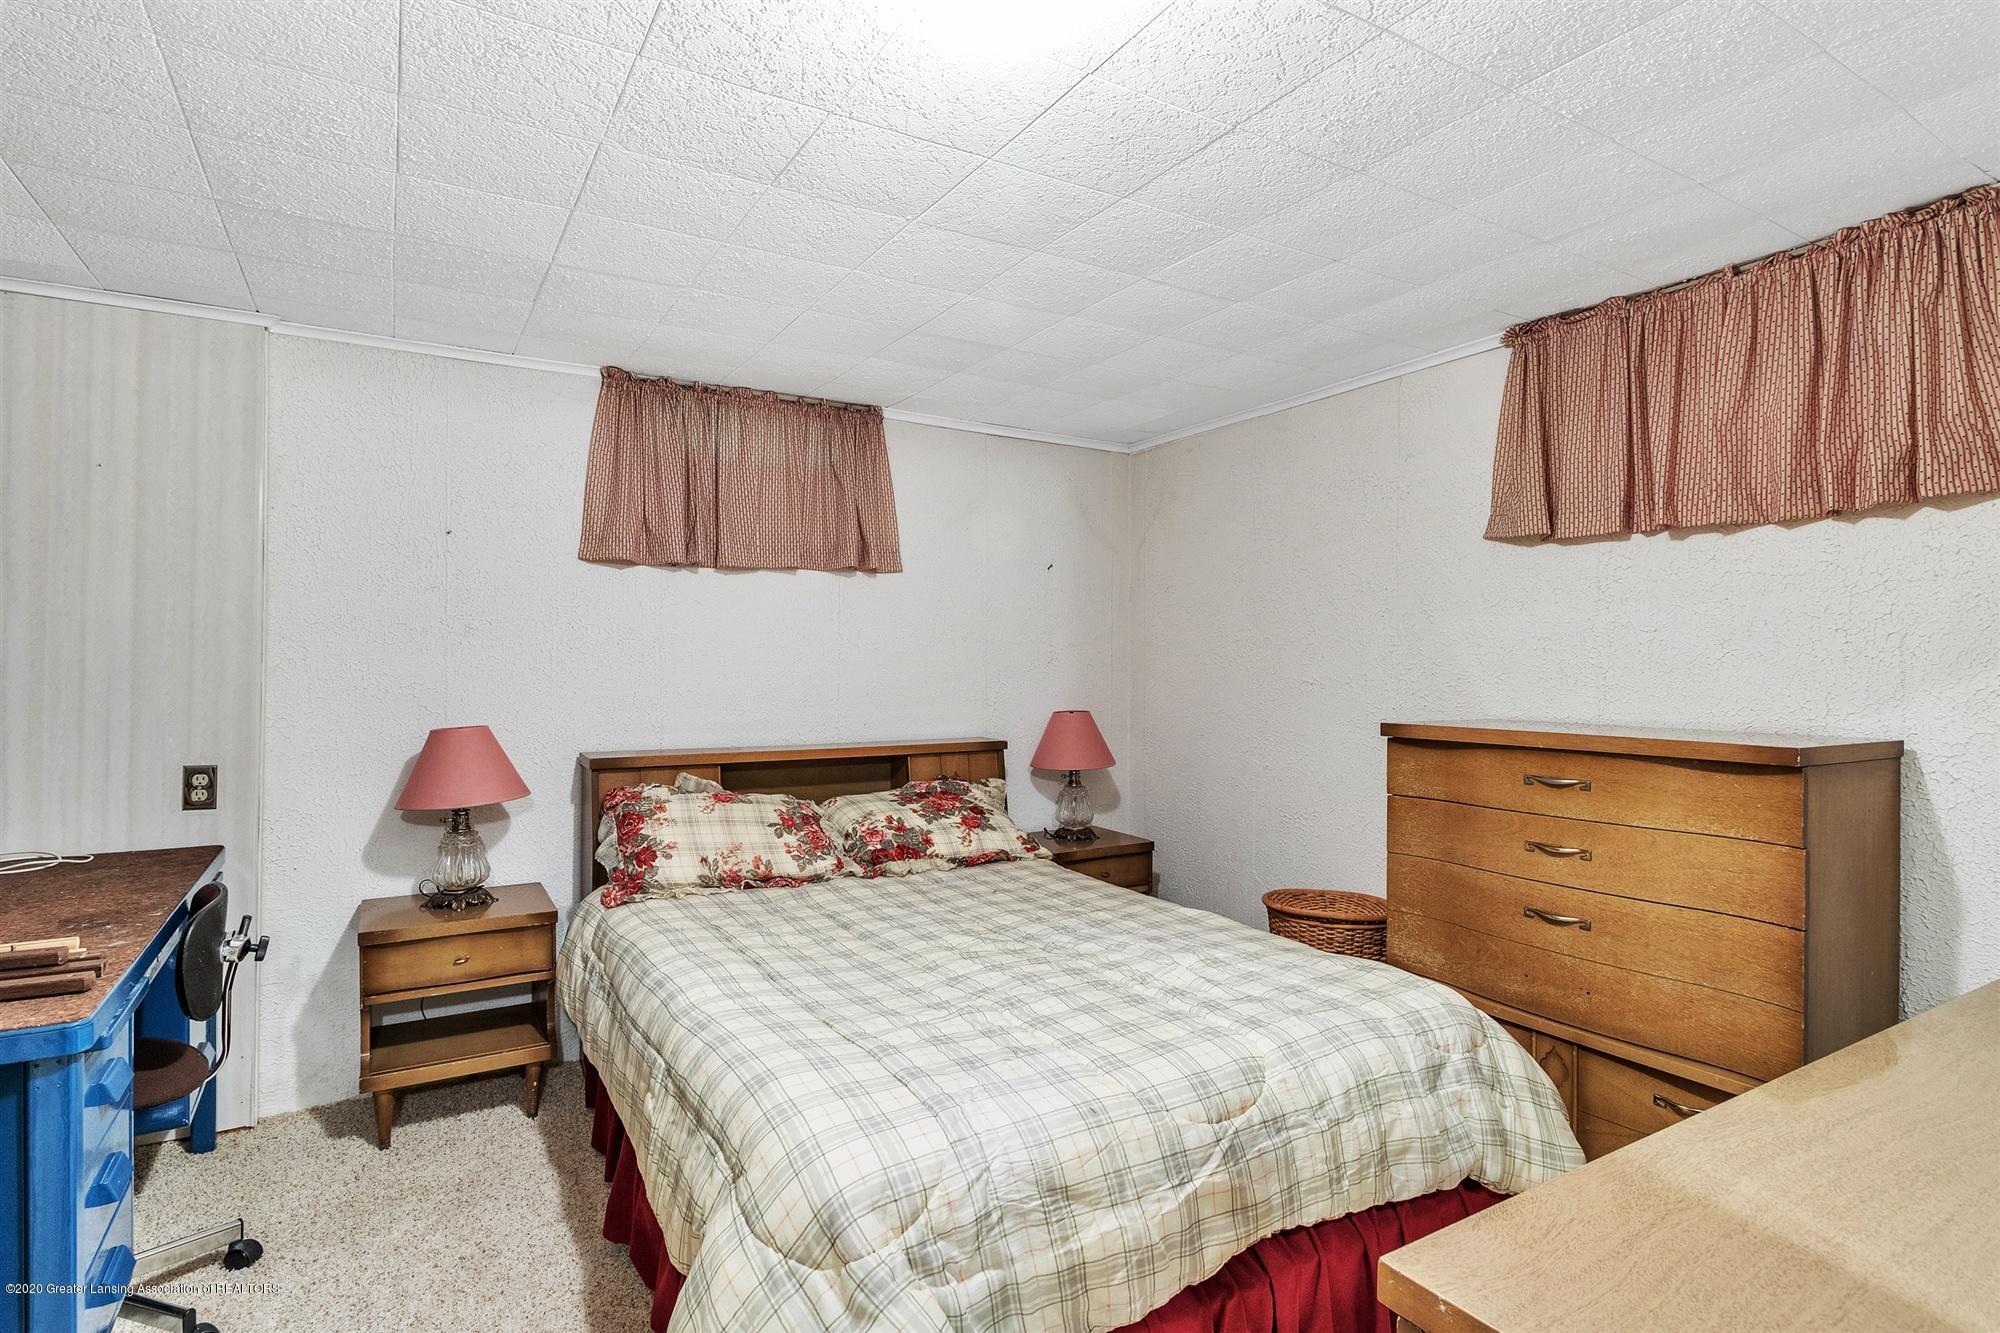 10494 Nixon Rd - 44-10494 Nixon Rd-windowstill-reale - 42